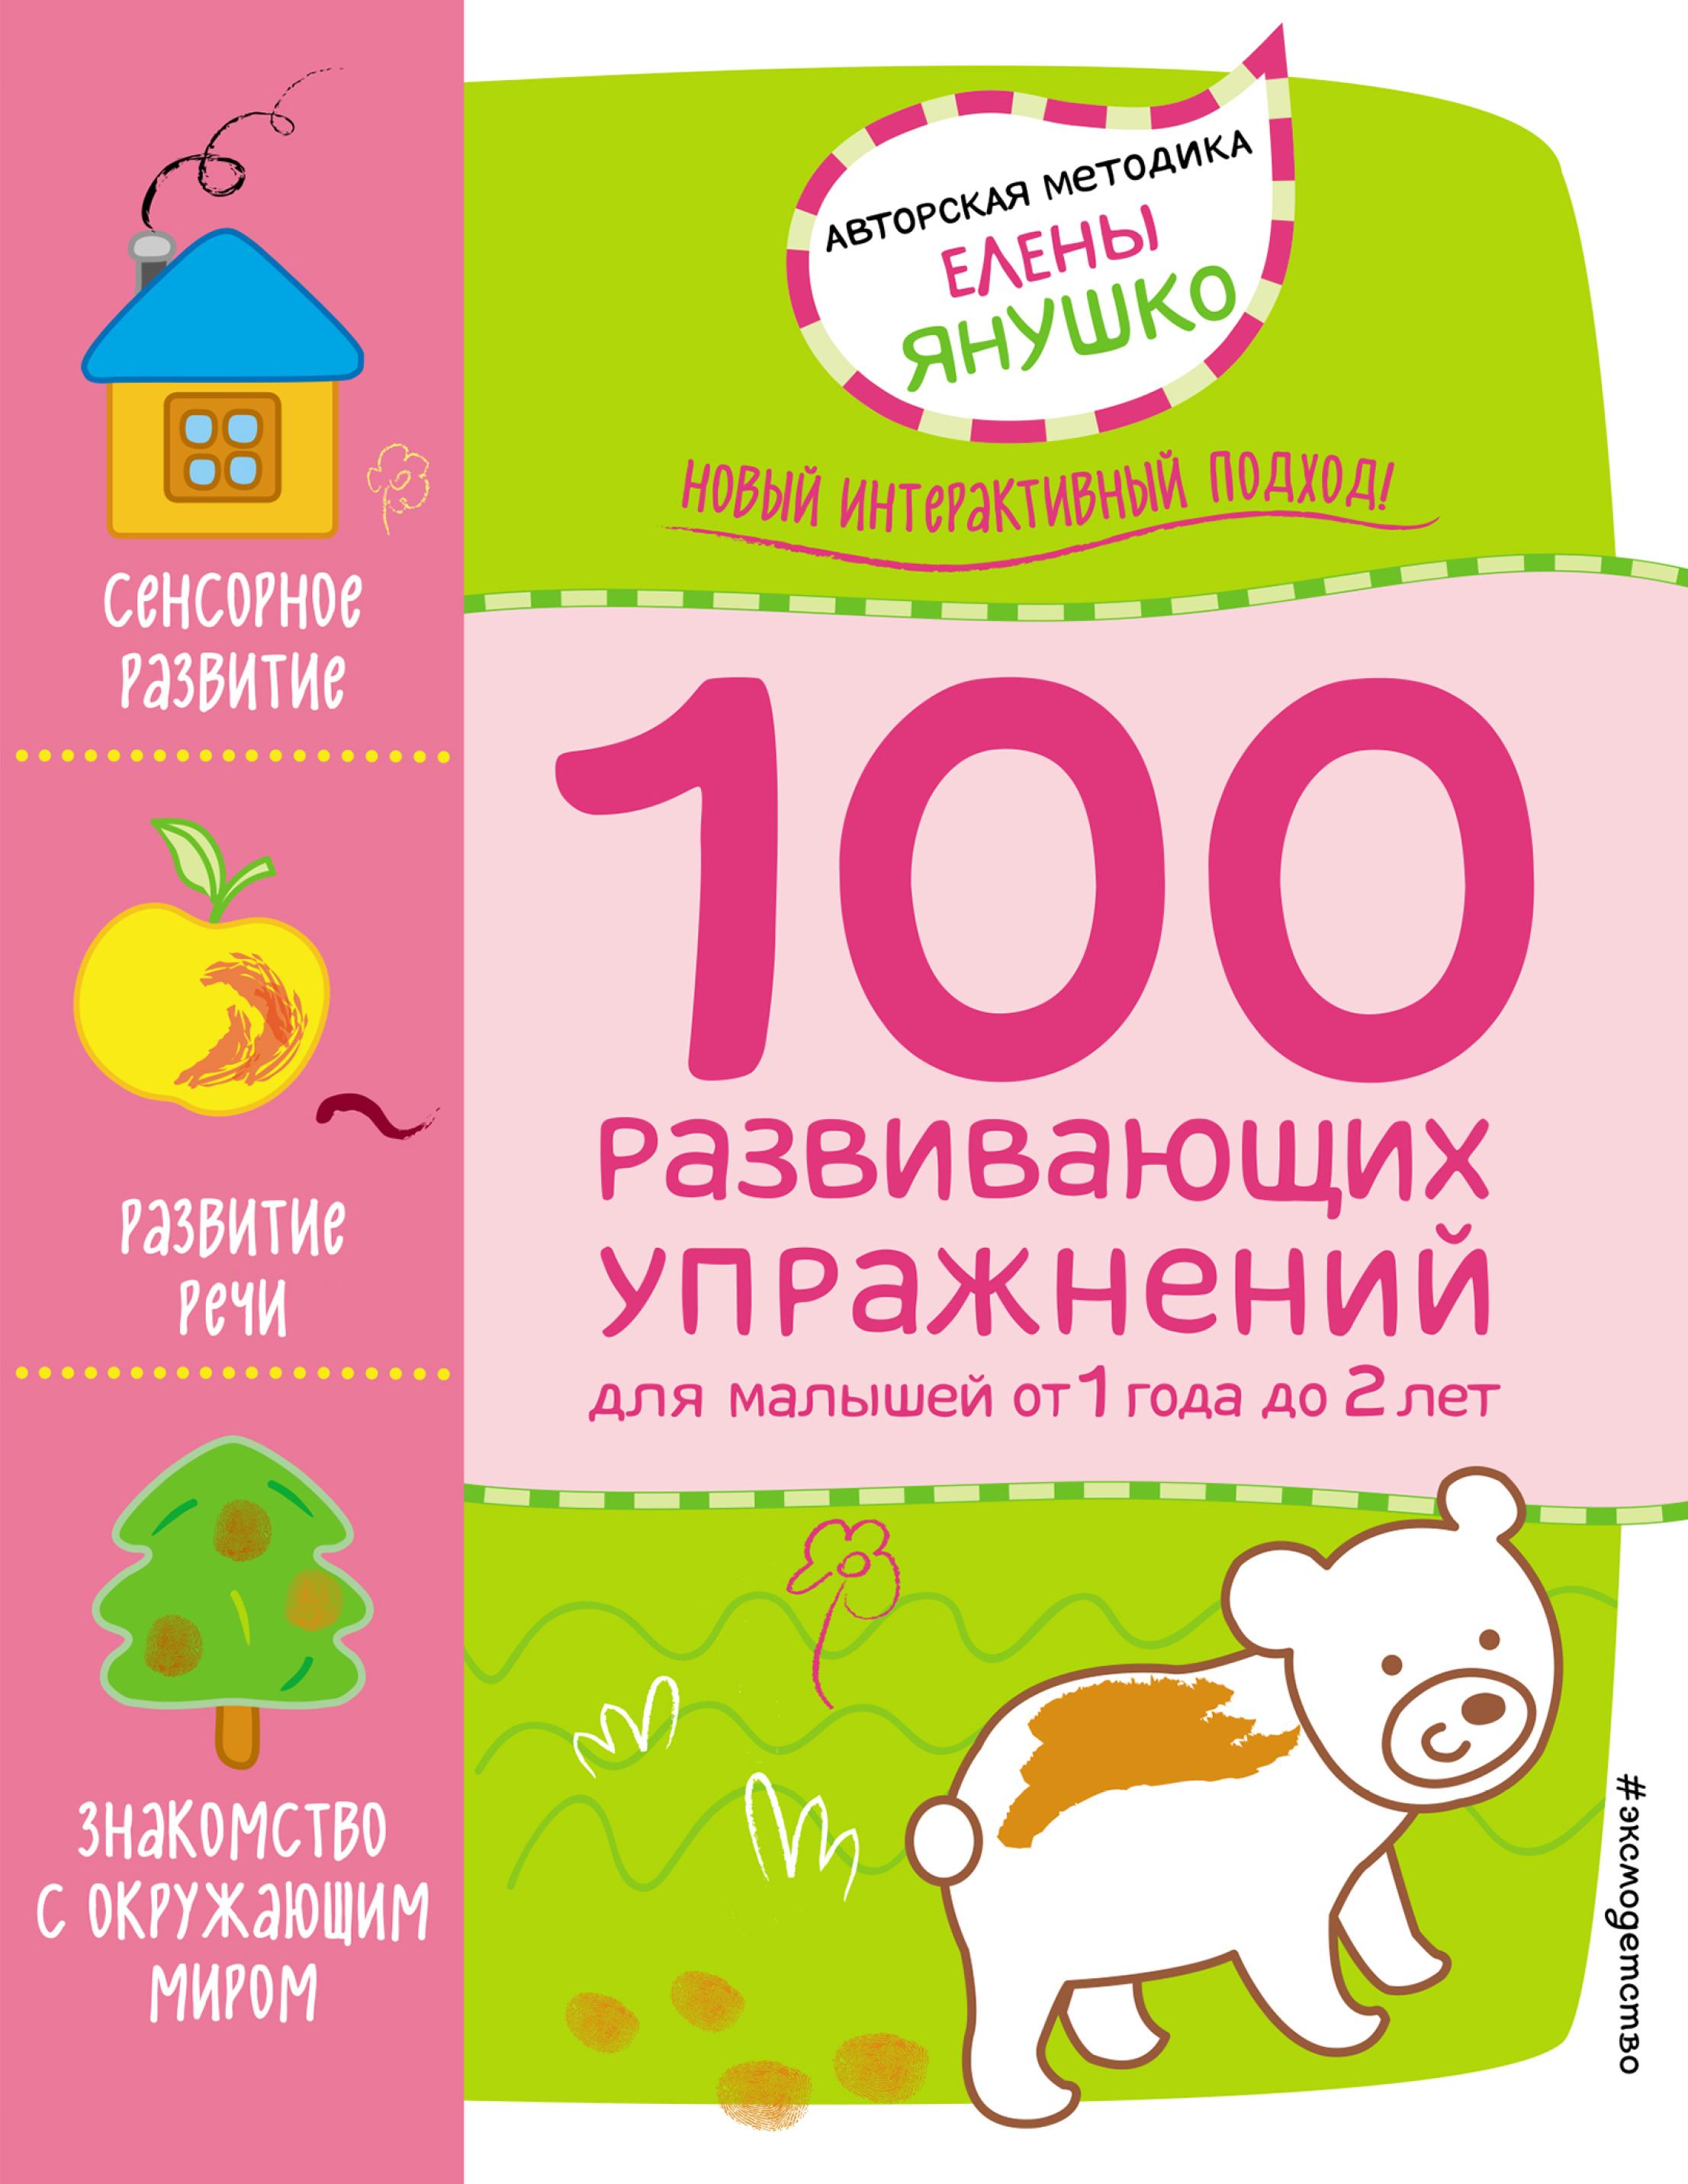 Елена Янушко 1+ 100 развивающих упражнений для малышей от 1 года 2 лет янушко е а 2 100 развивающих упражнений для малышей от 2 до 3 лет